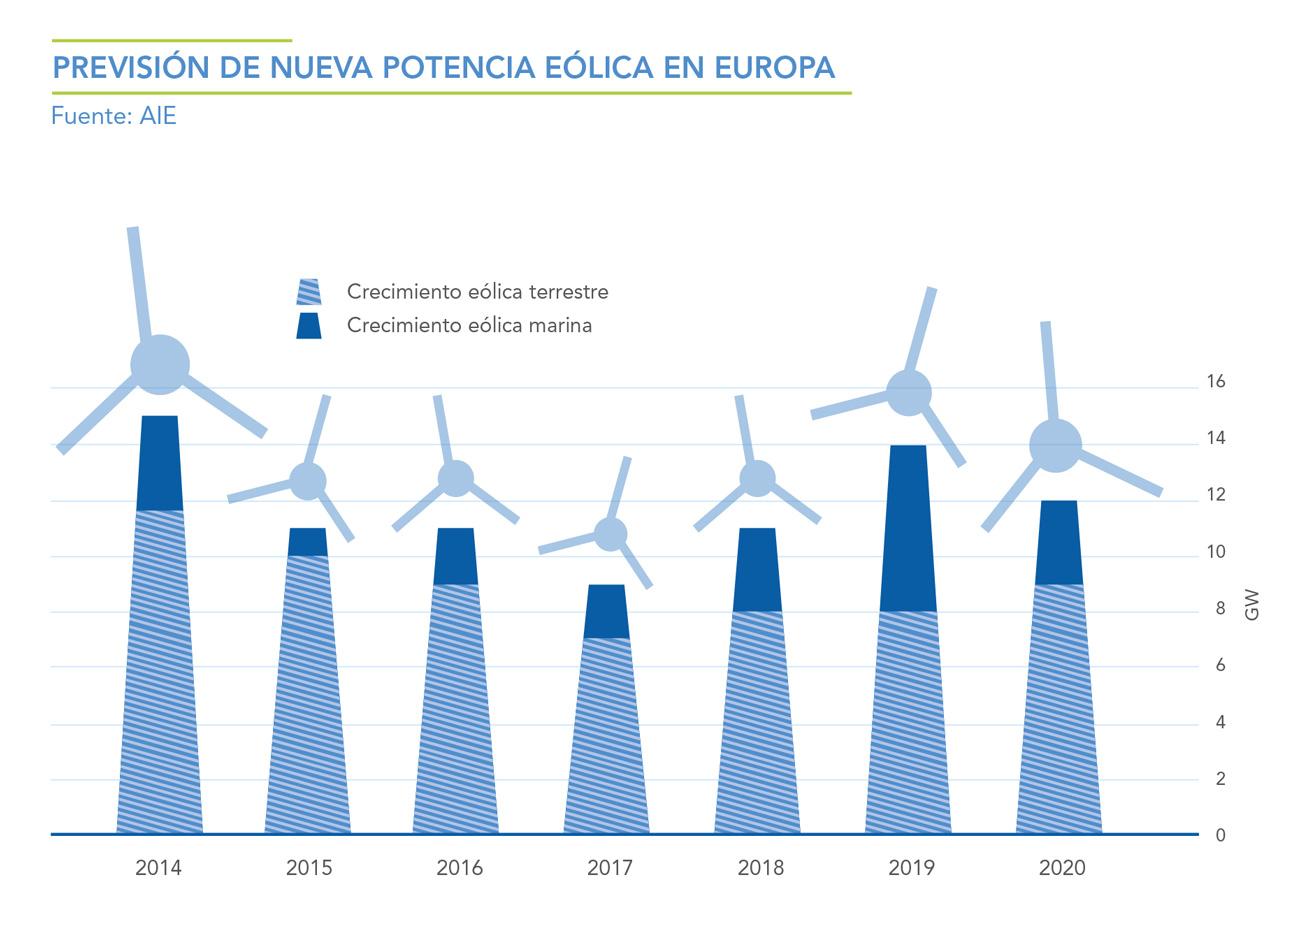 PREVISION-DE-NUEVA-POTENCIA-EOLICA-EN-EUROPA